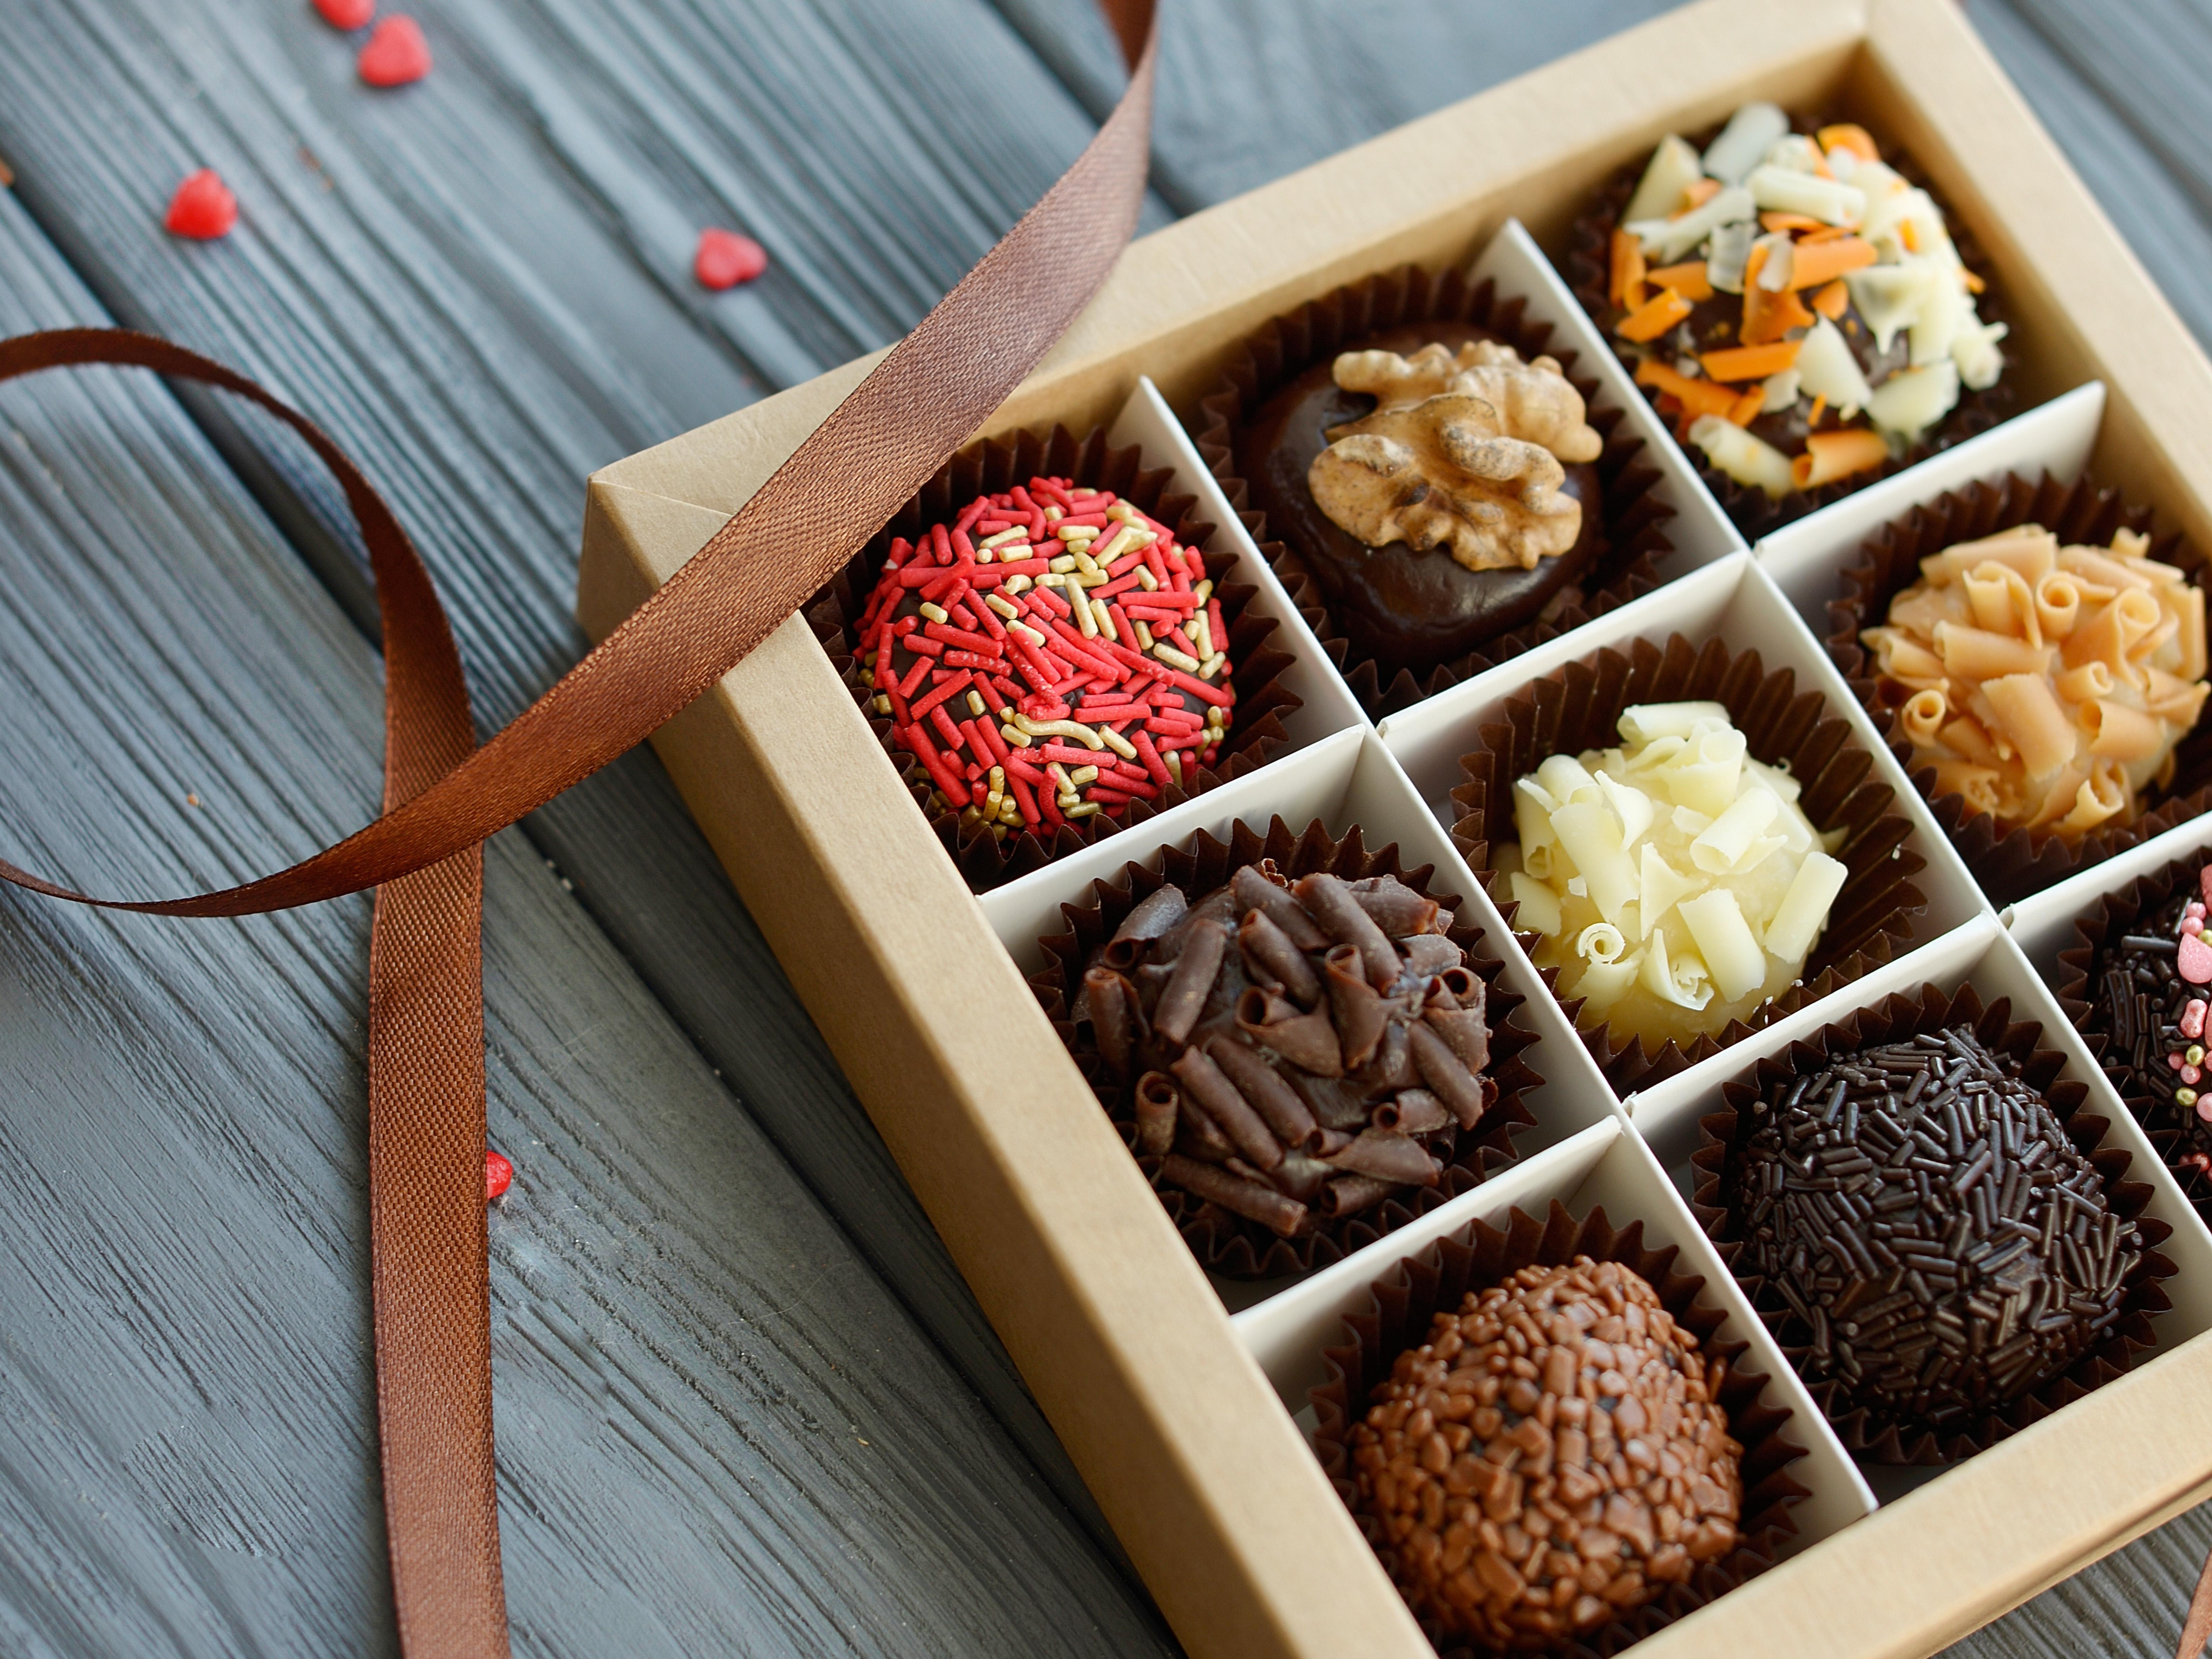 brigadeiro-chocolate-box.jpg